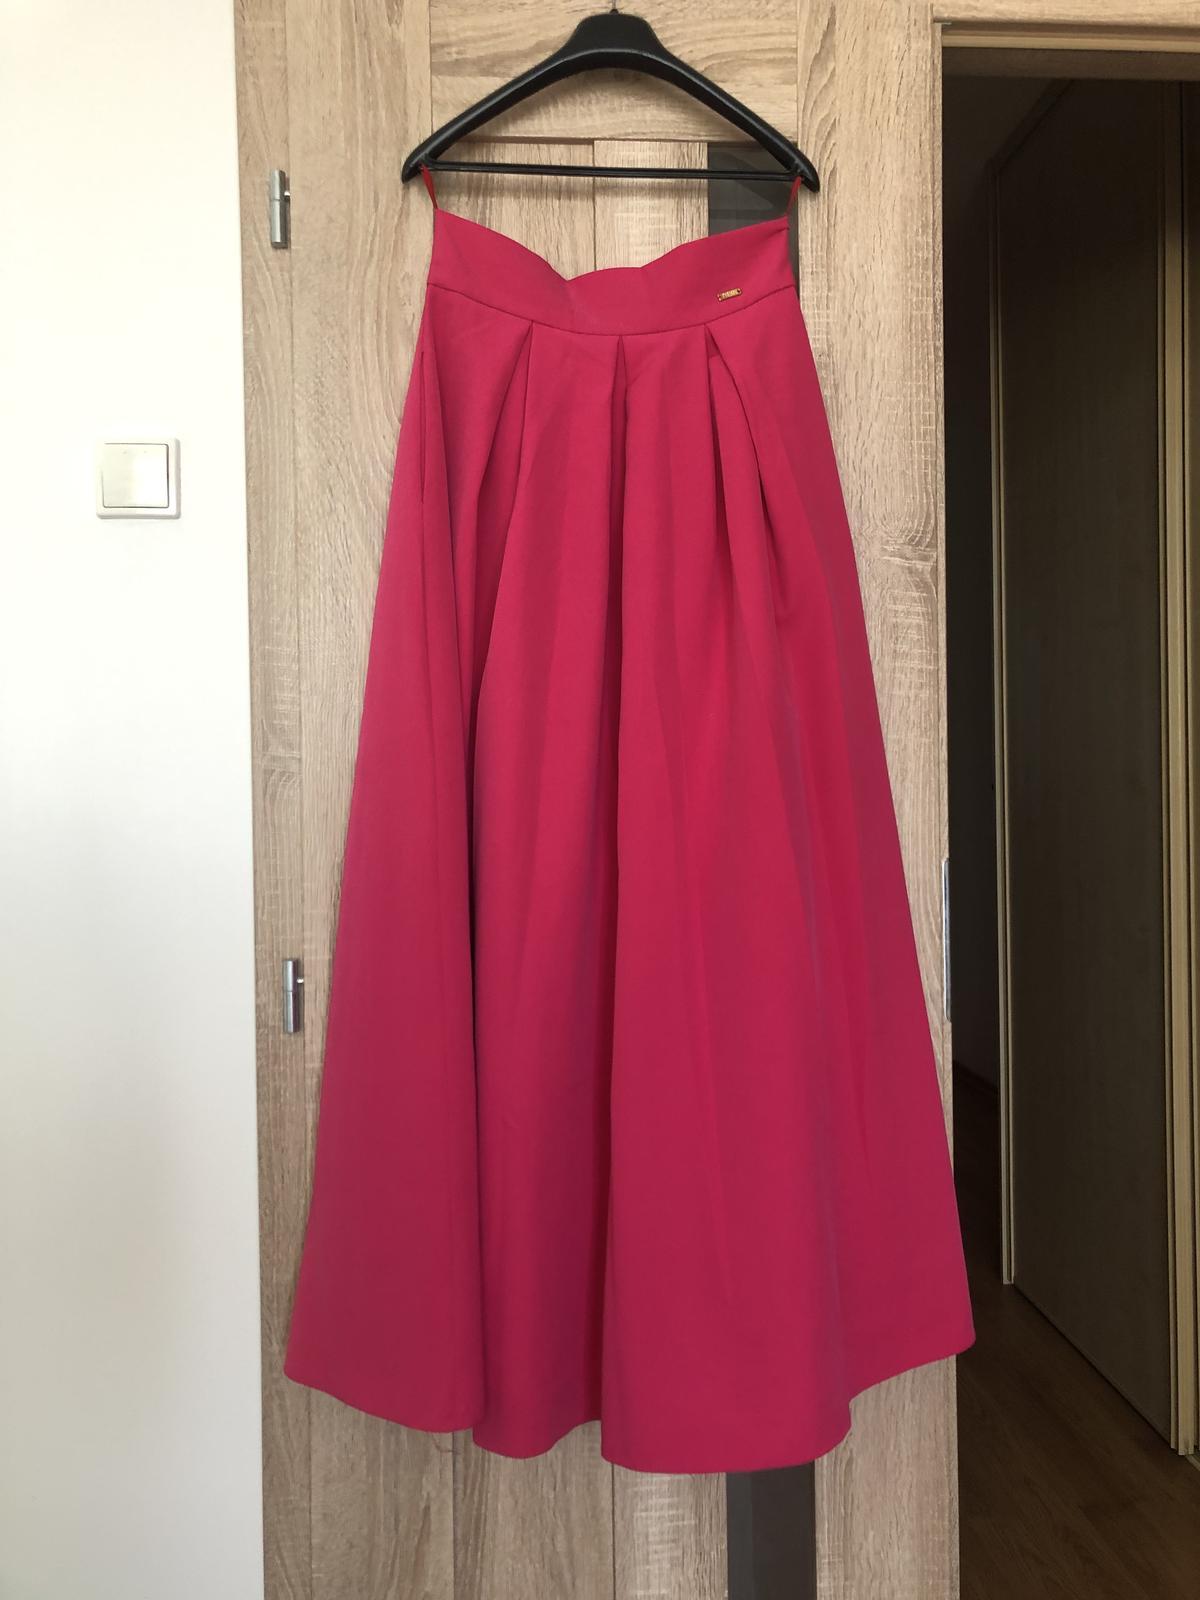 Cyklamenova dlha sukňa  - Obrázok č. 1